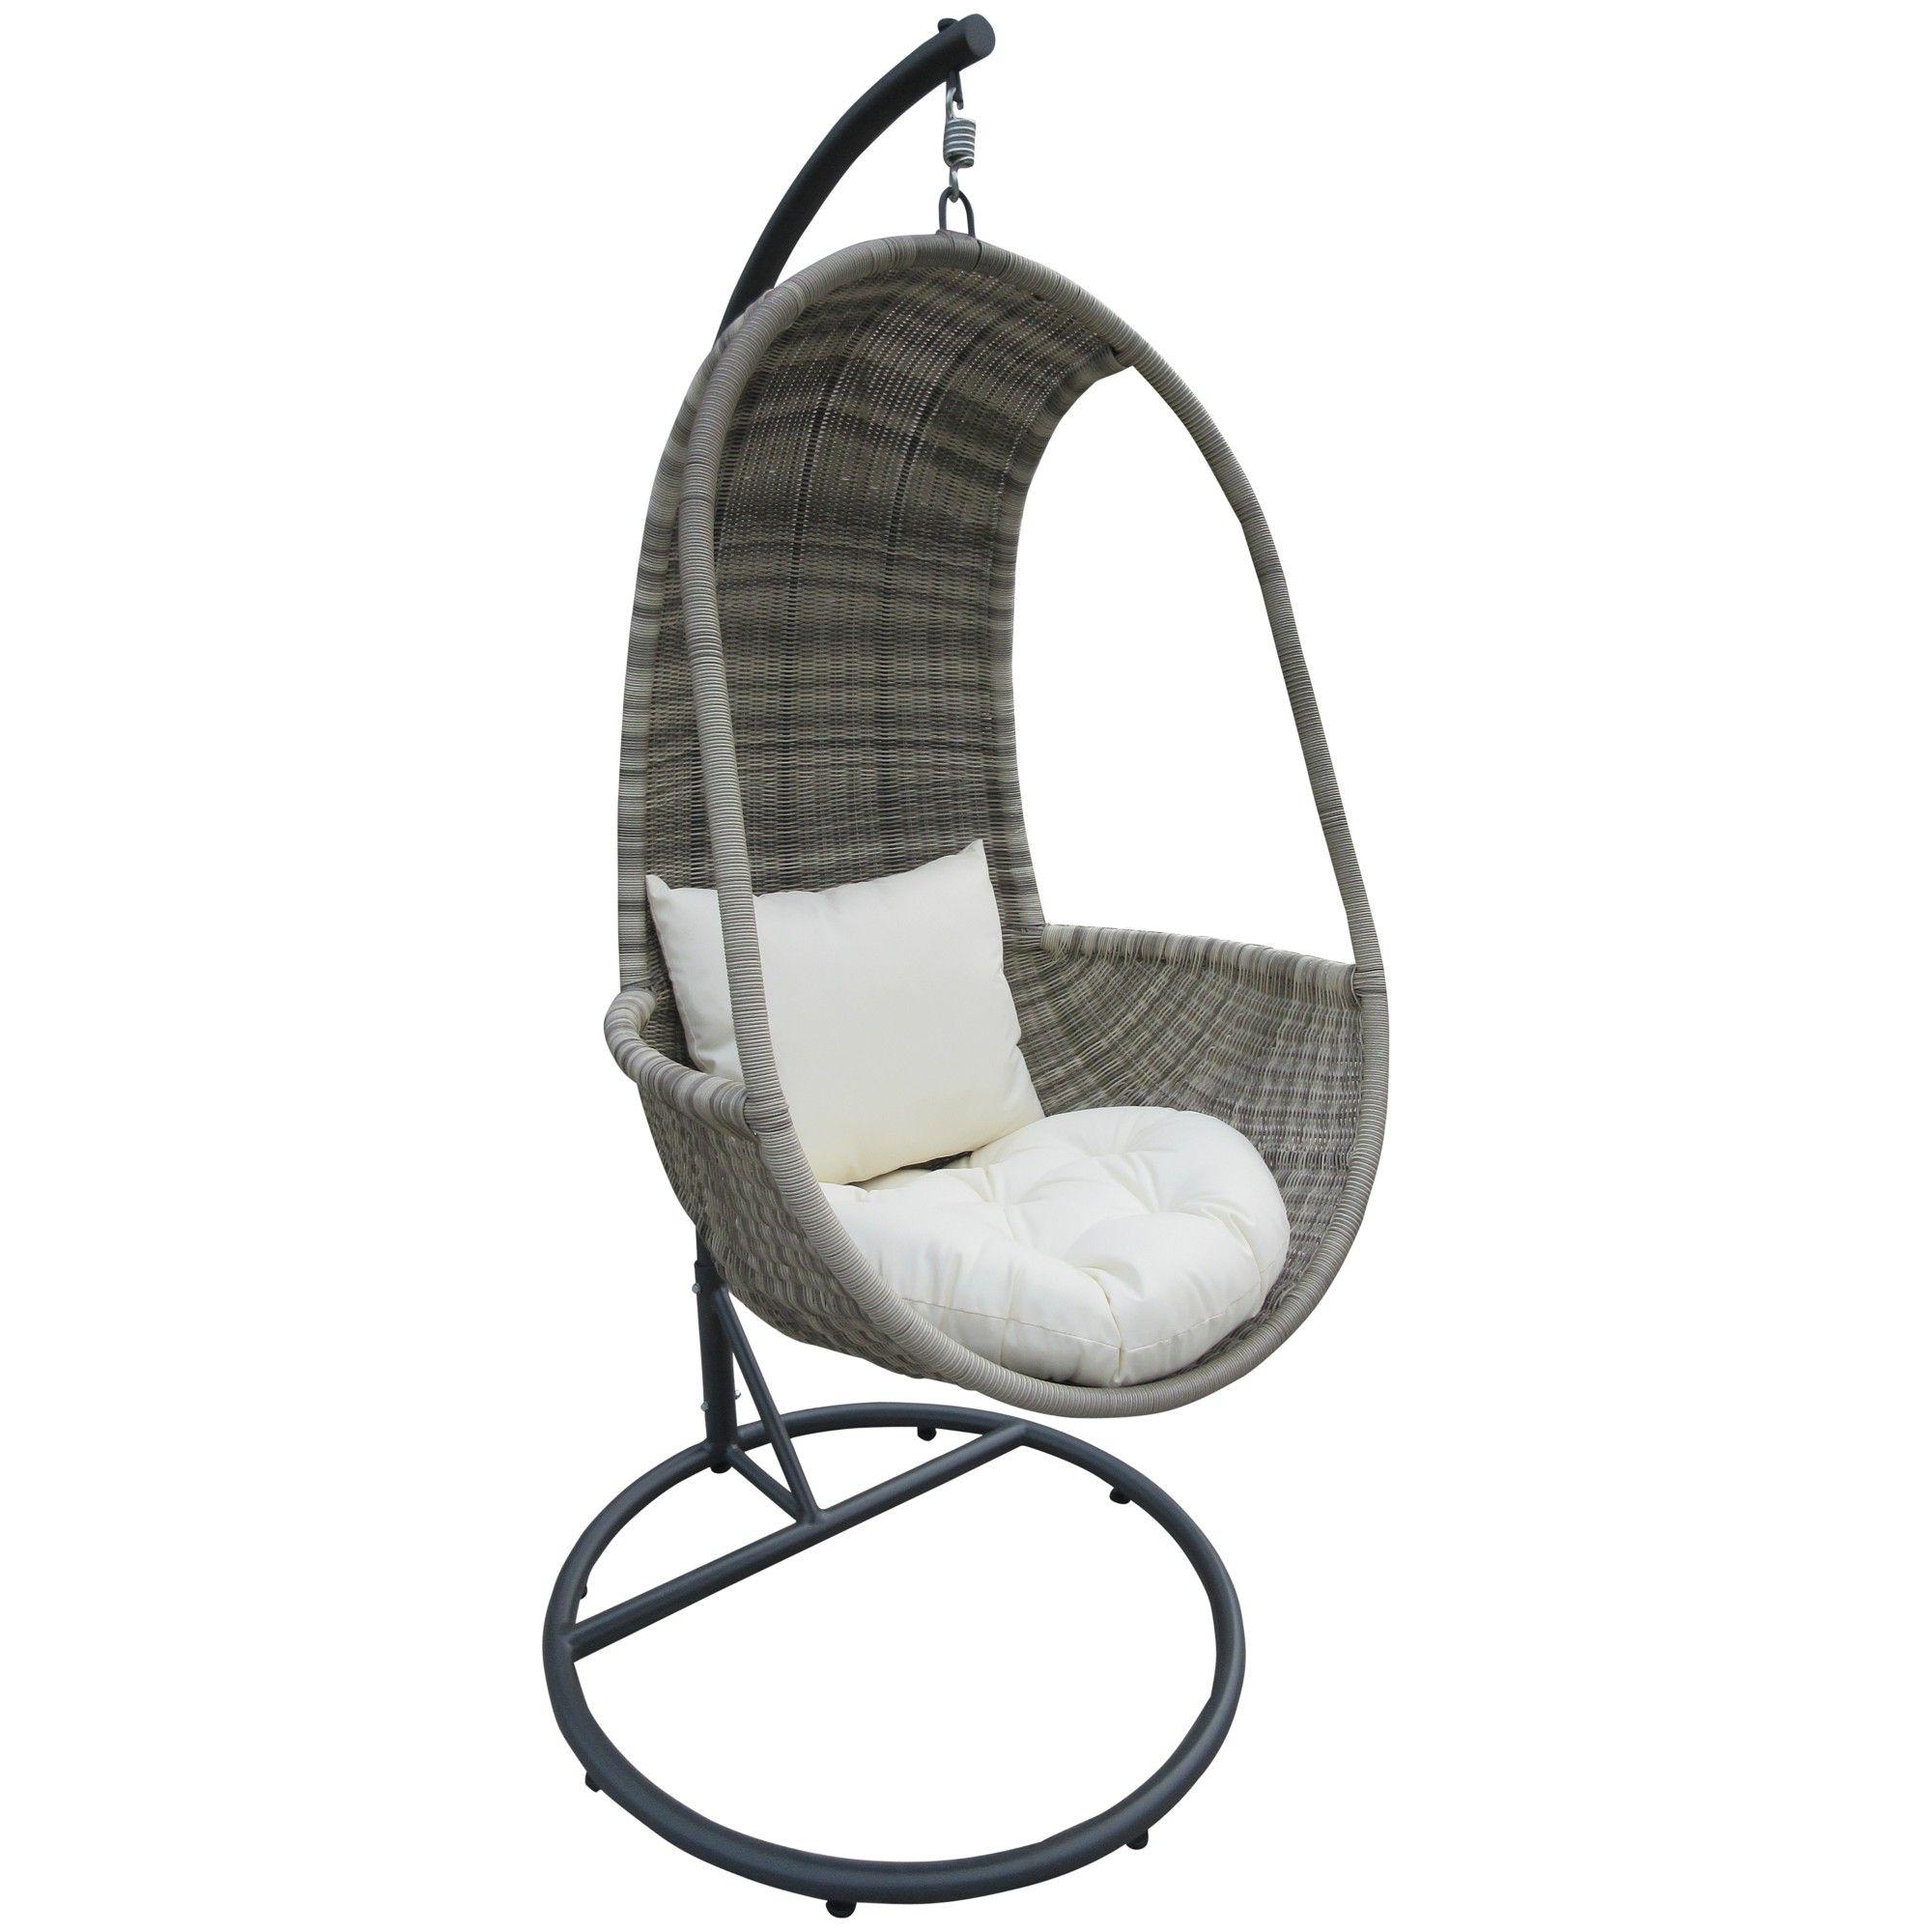 Hanging Chair Range Best Office For Lower Back John Lewis Dante Pod Garden Pinterest